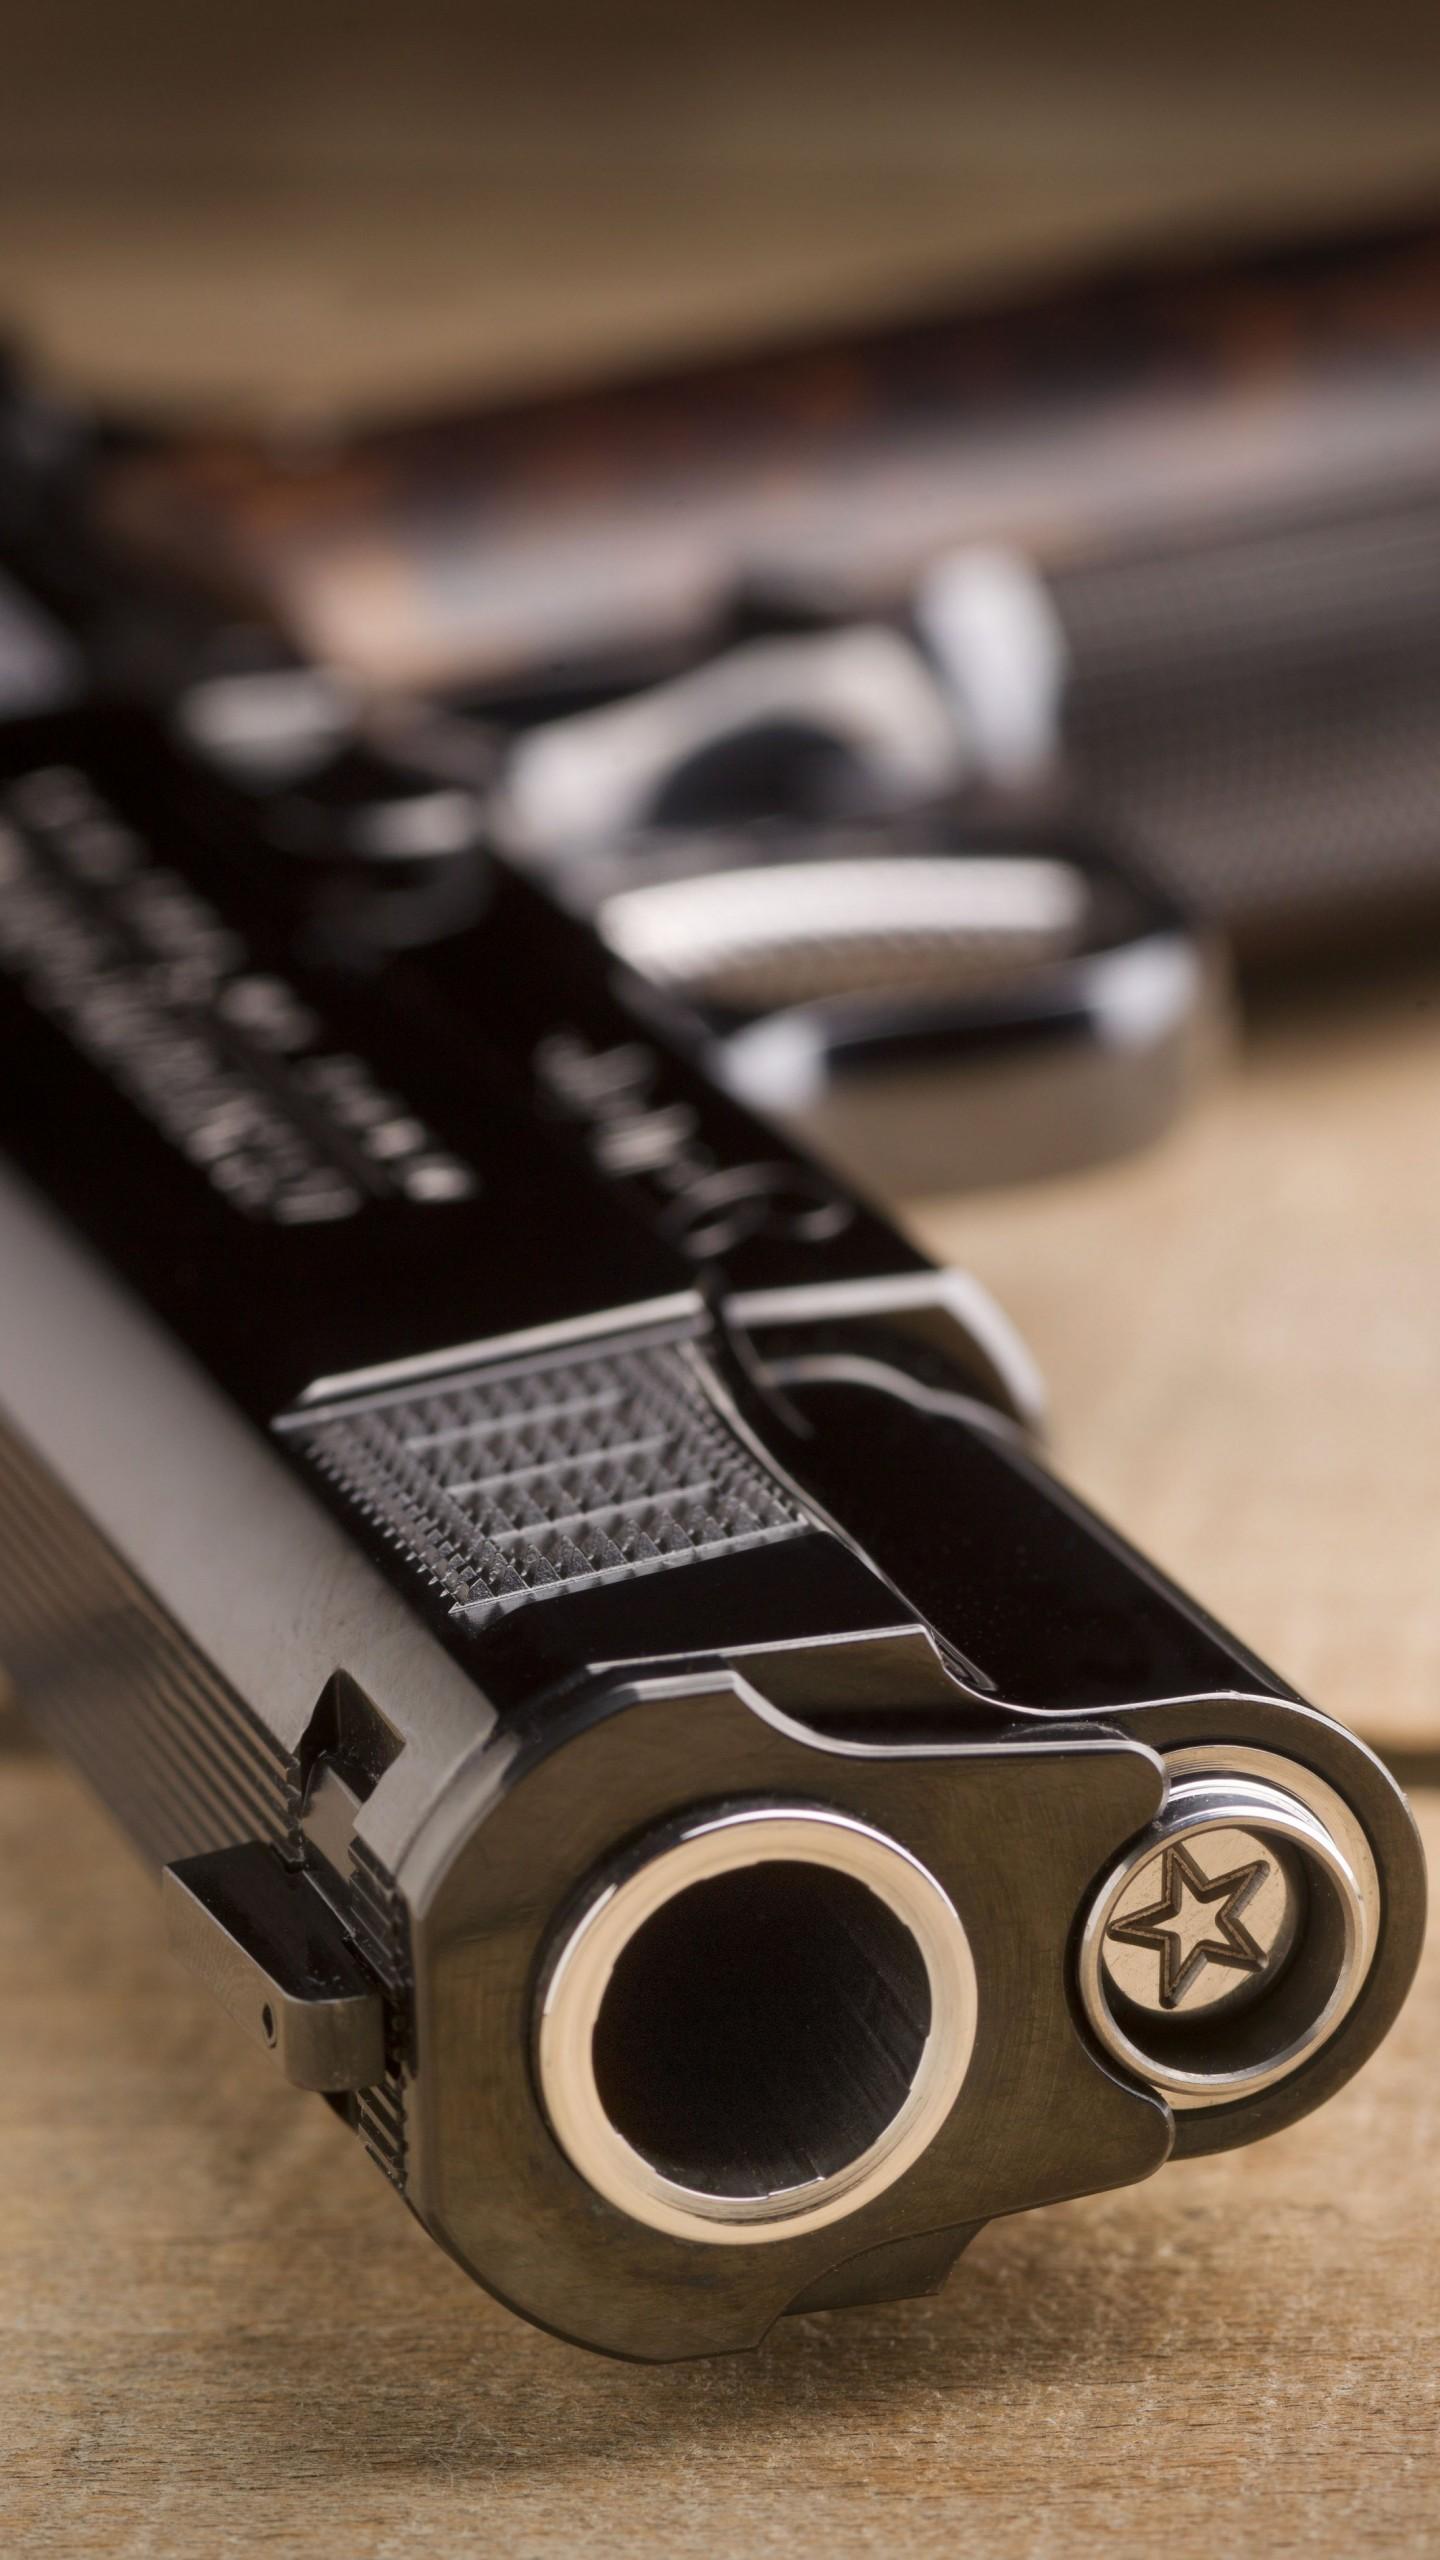 Wallpaper Cabot 1911 Pistol 5k Black Military 2819